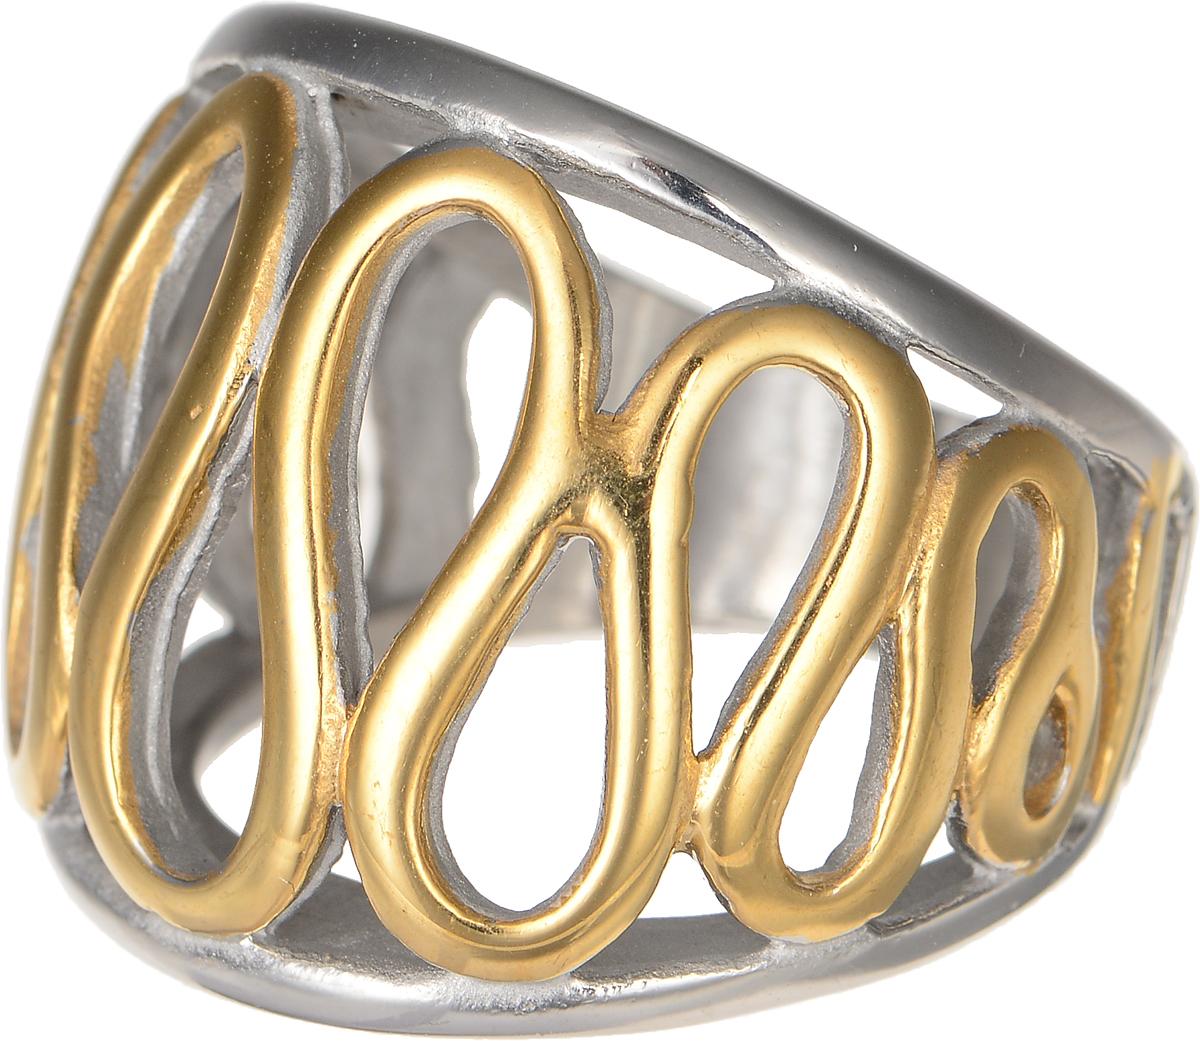 Кольцо Polina Selezneva, цвет: серебристый, золотистый. DG-0011. Размер 18DG-0011-08Стильное кольцо Polina Selezneva изготовлено из качественного металлического сплава и выполнено в оригинальном дизайне. Кольцо оформлено резным узором.